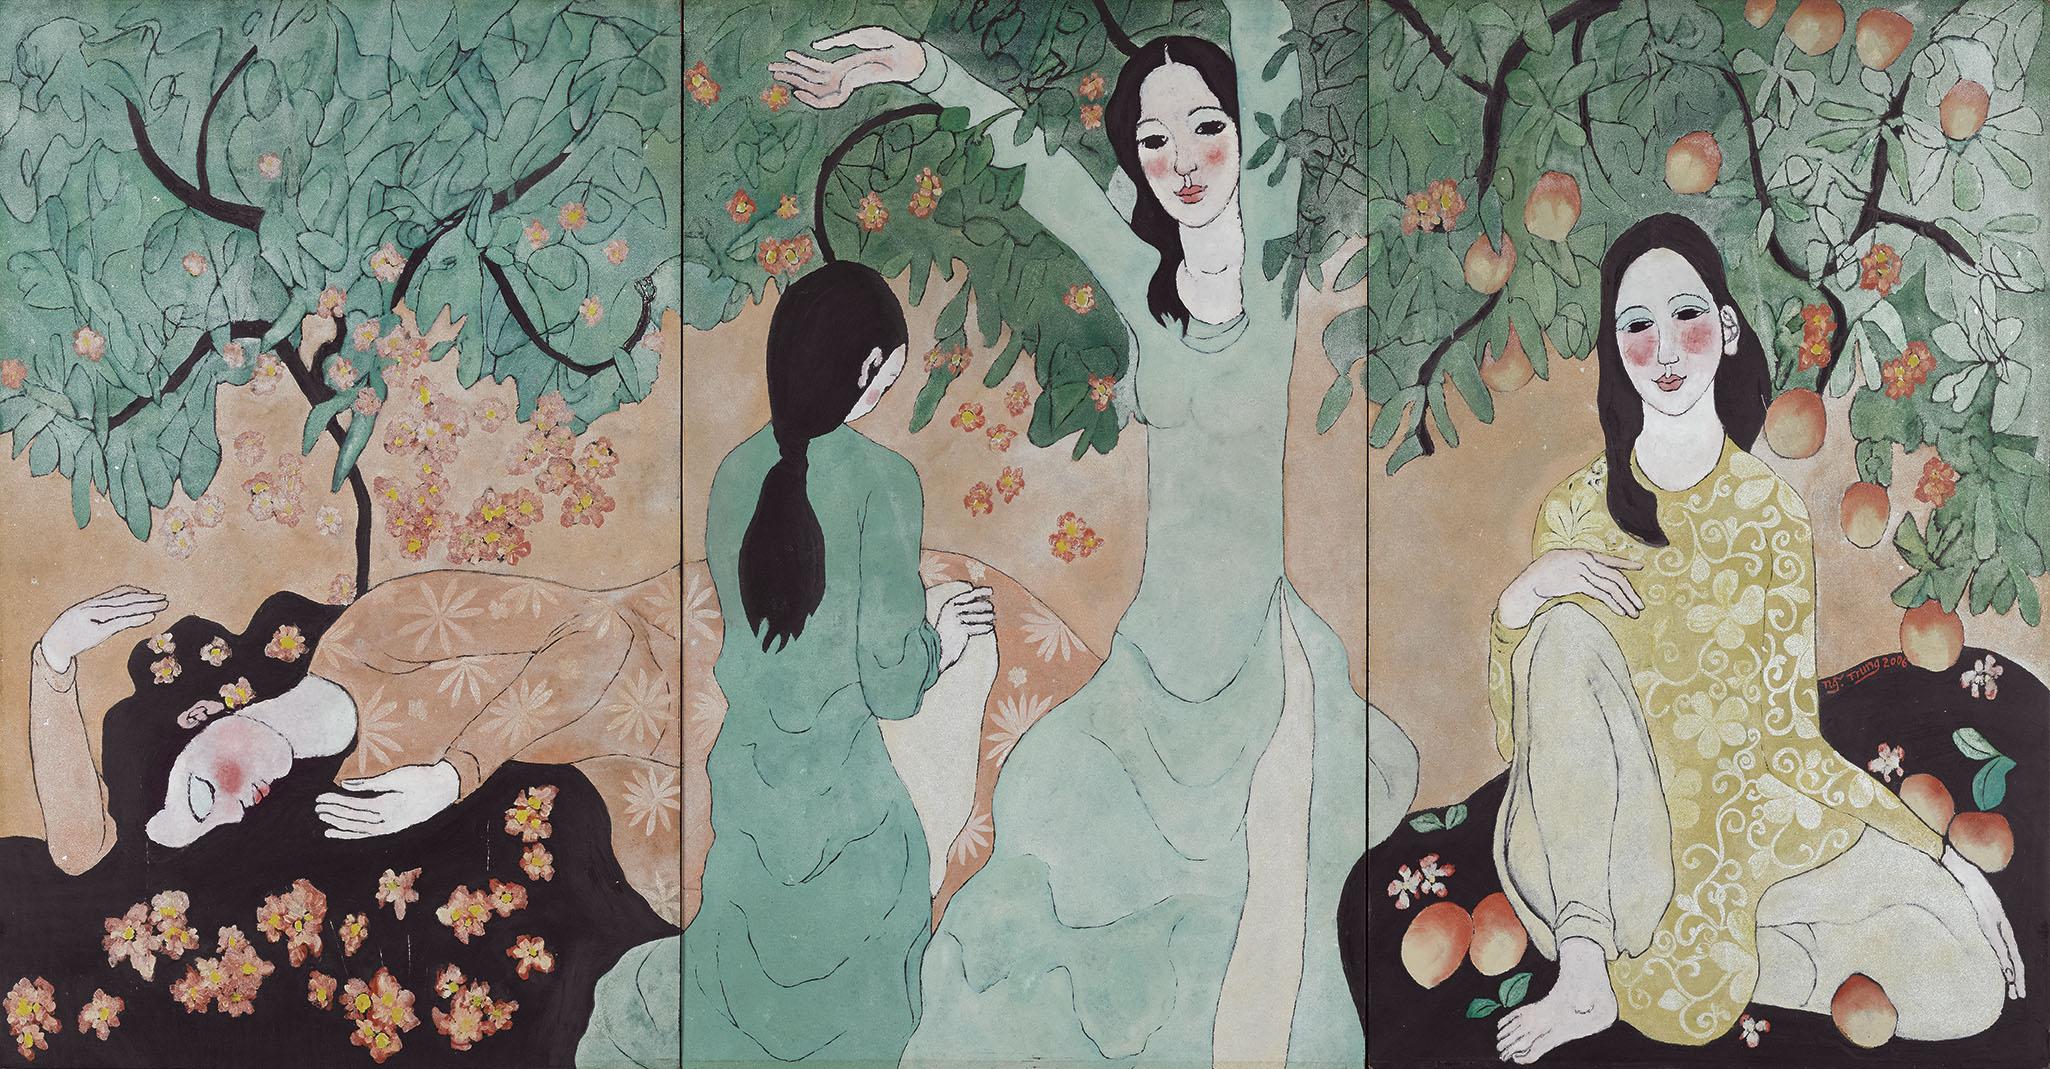 NGUYEN TRUNG (Vietnamese, B. 1